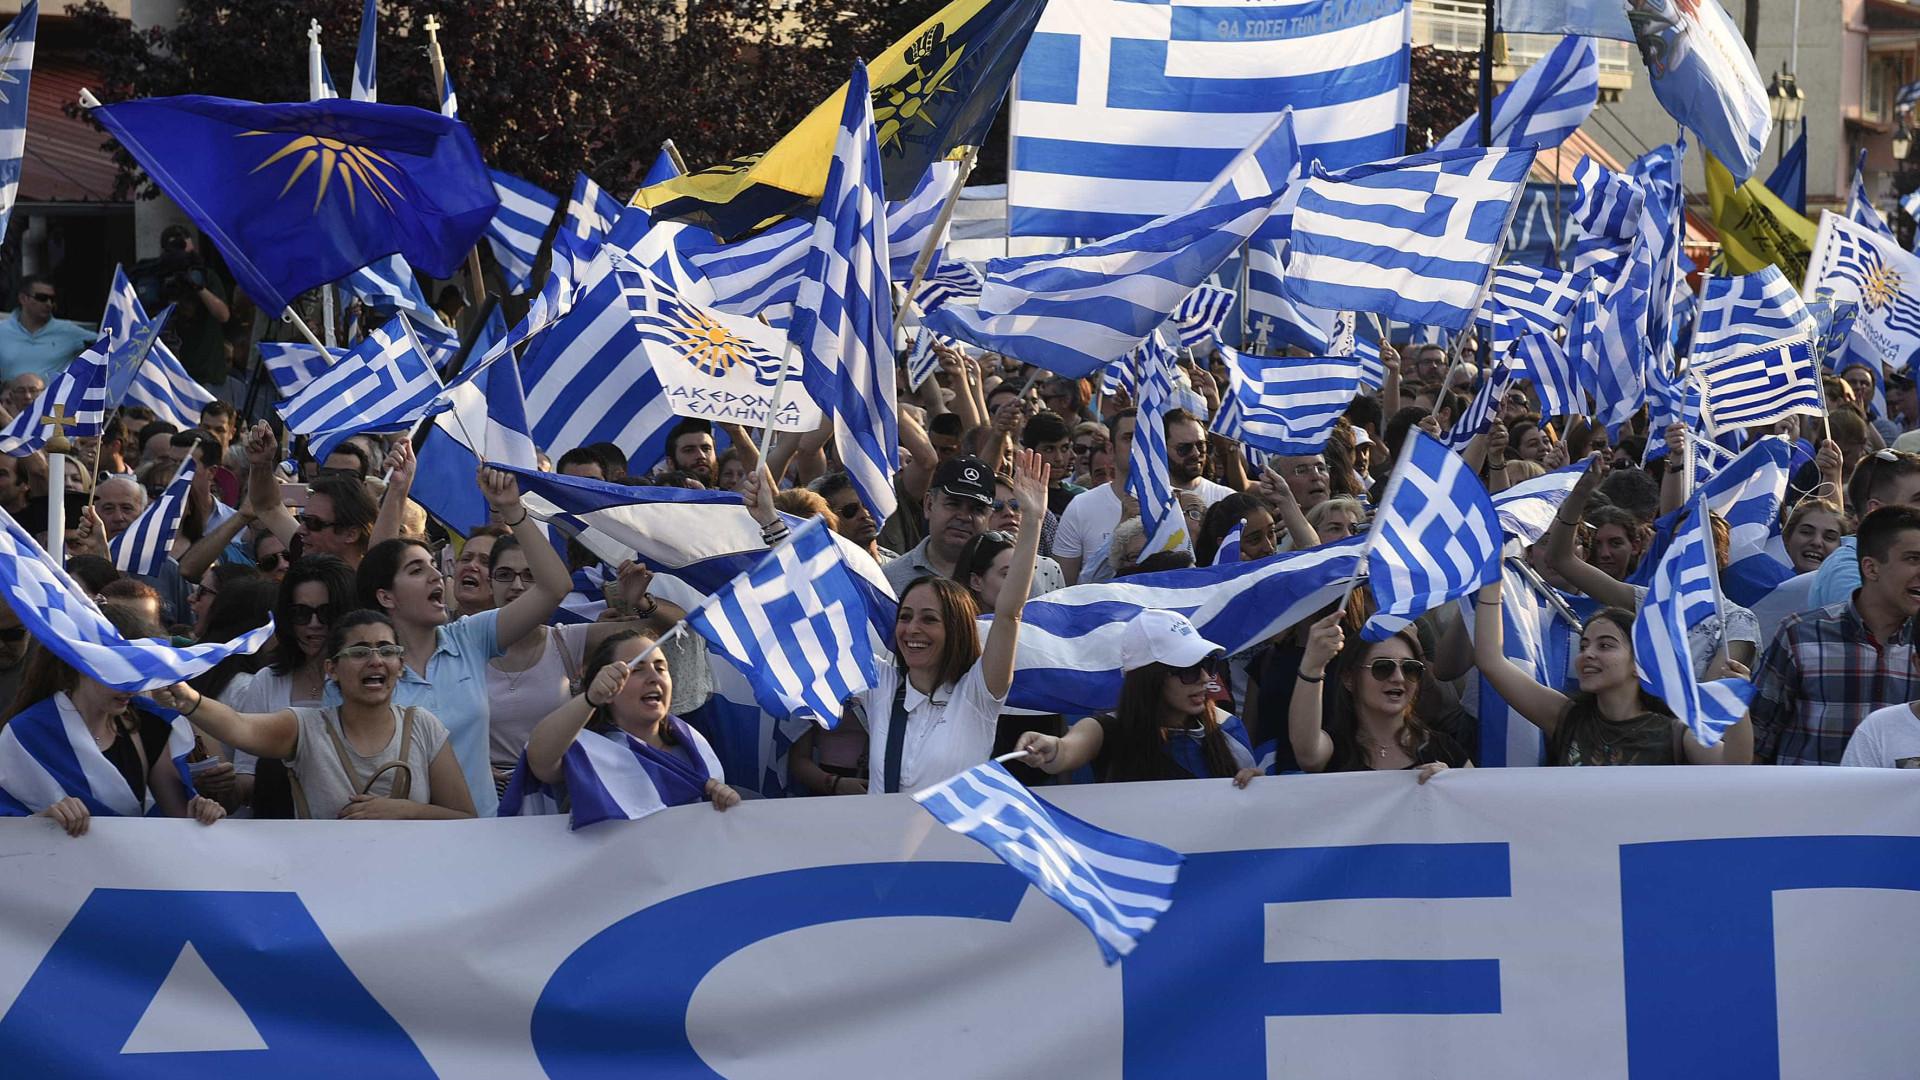 Macedônia chega a acordo com Grécia e mudará de nome